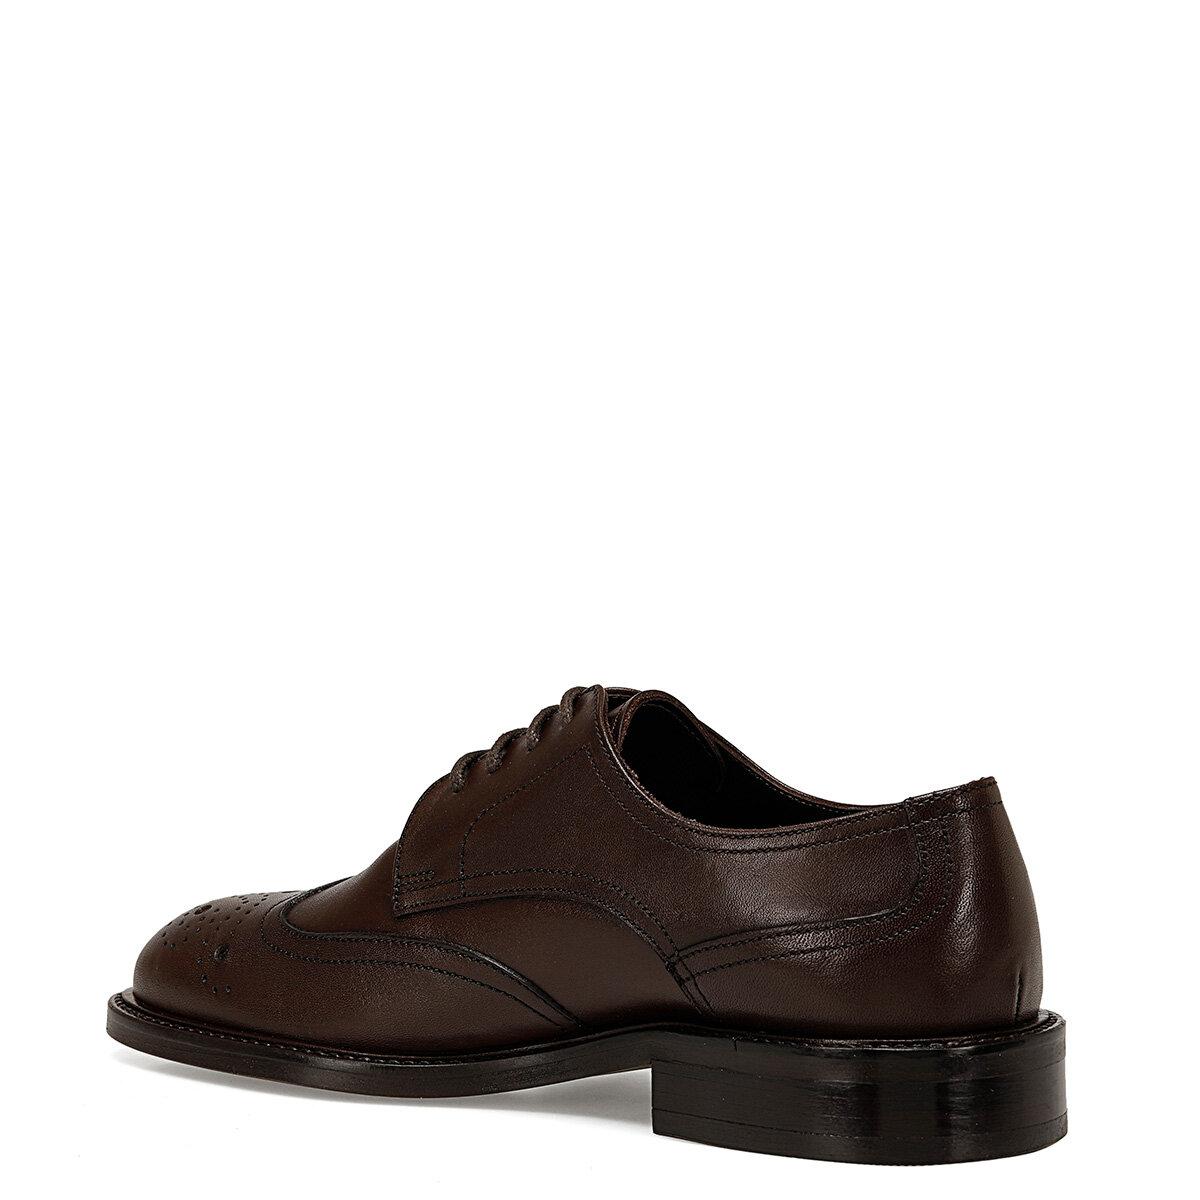 OSRA Kahverengi Kadın Maskulen Ayakkabı